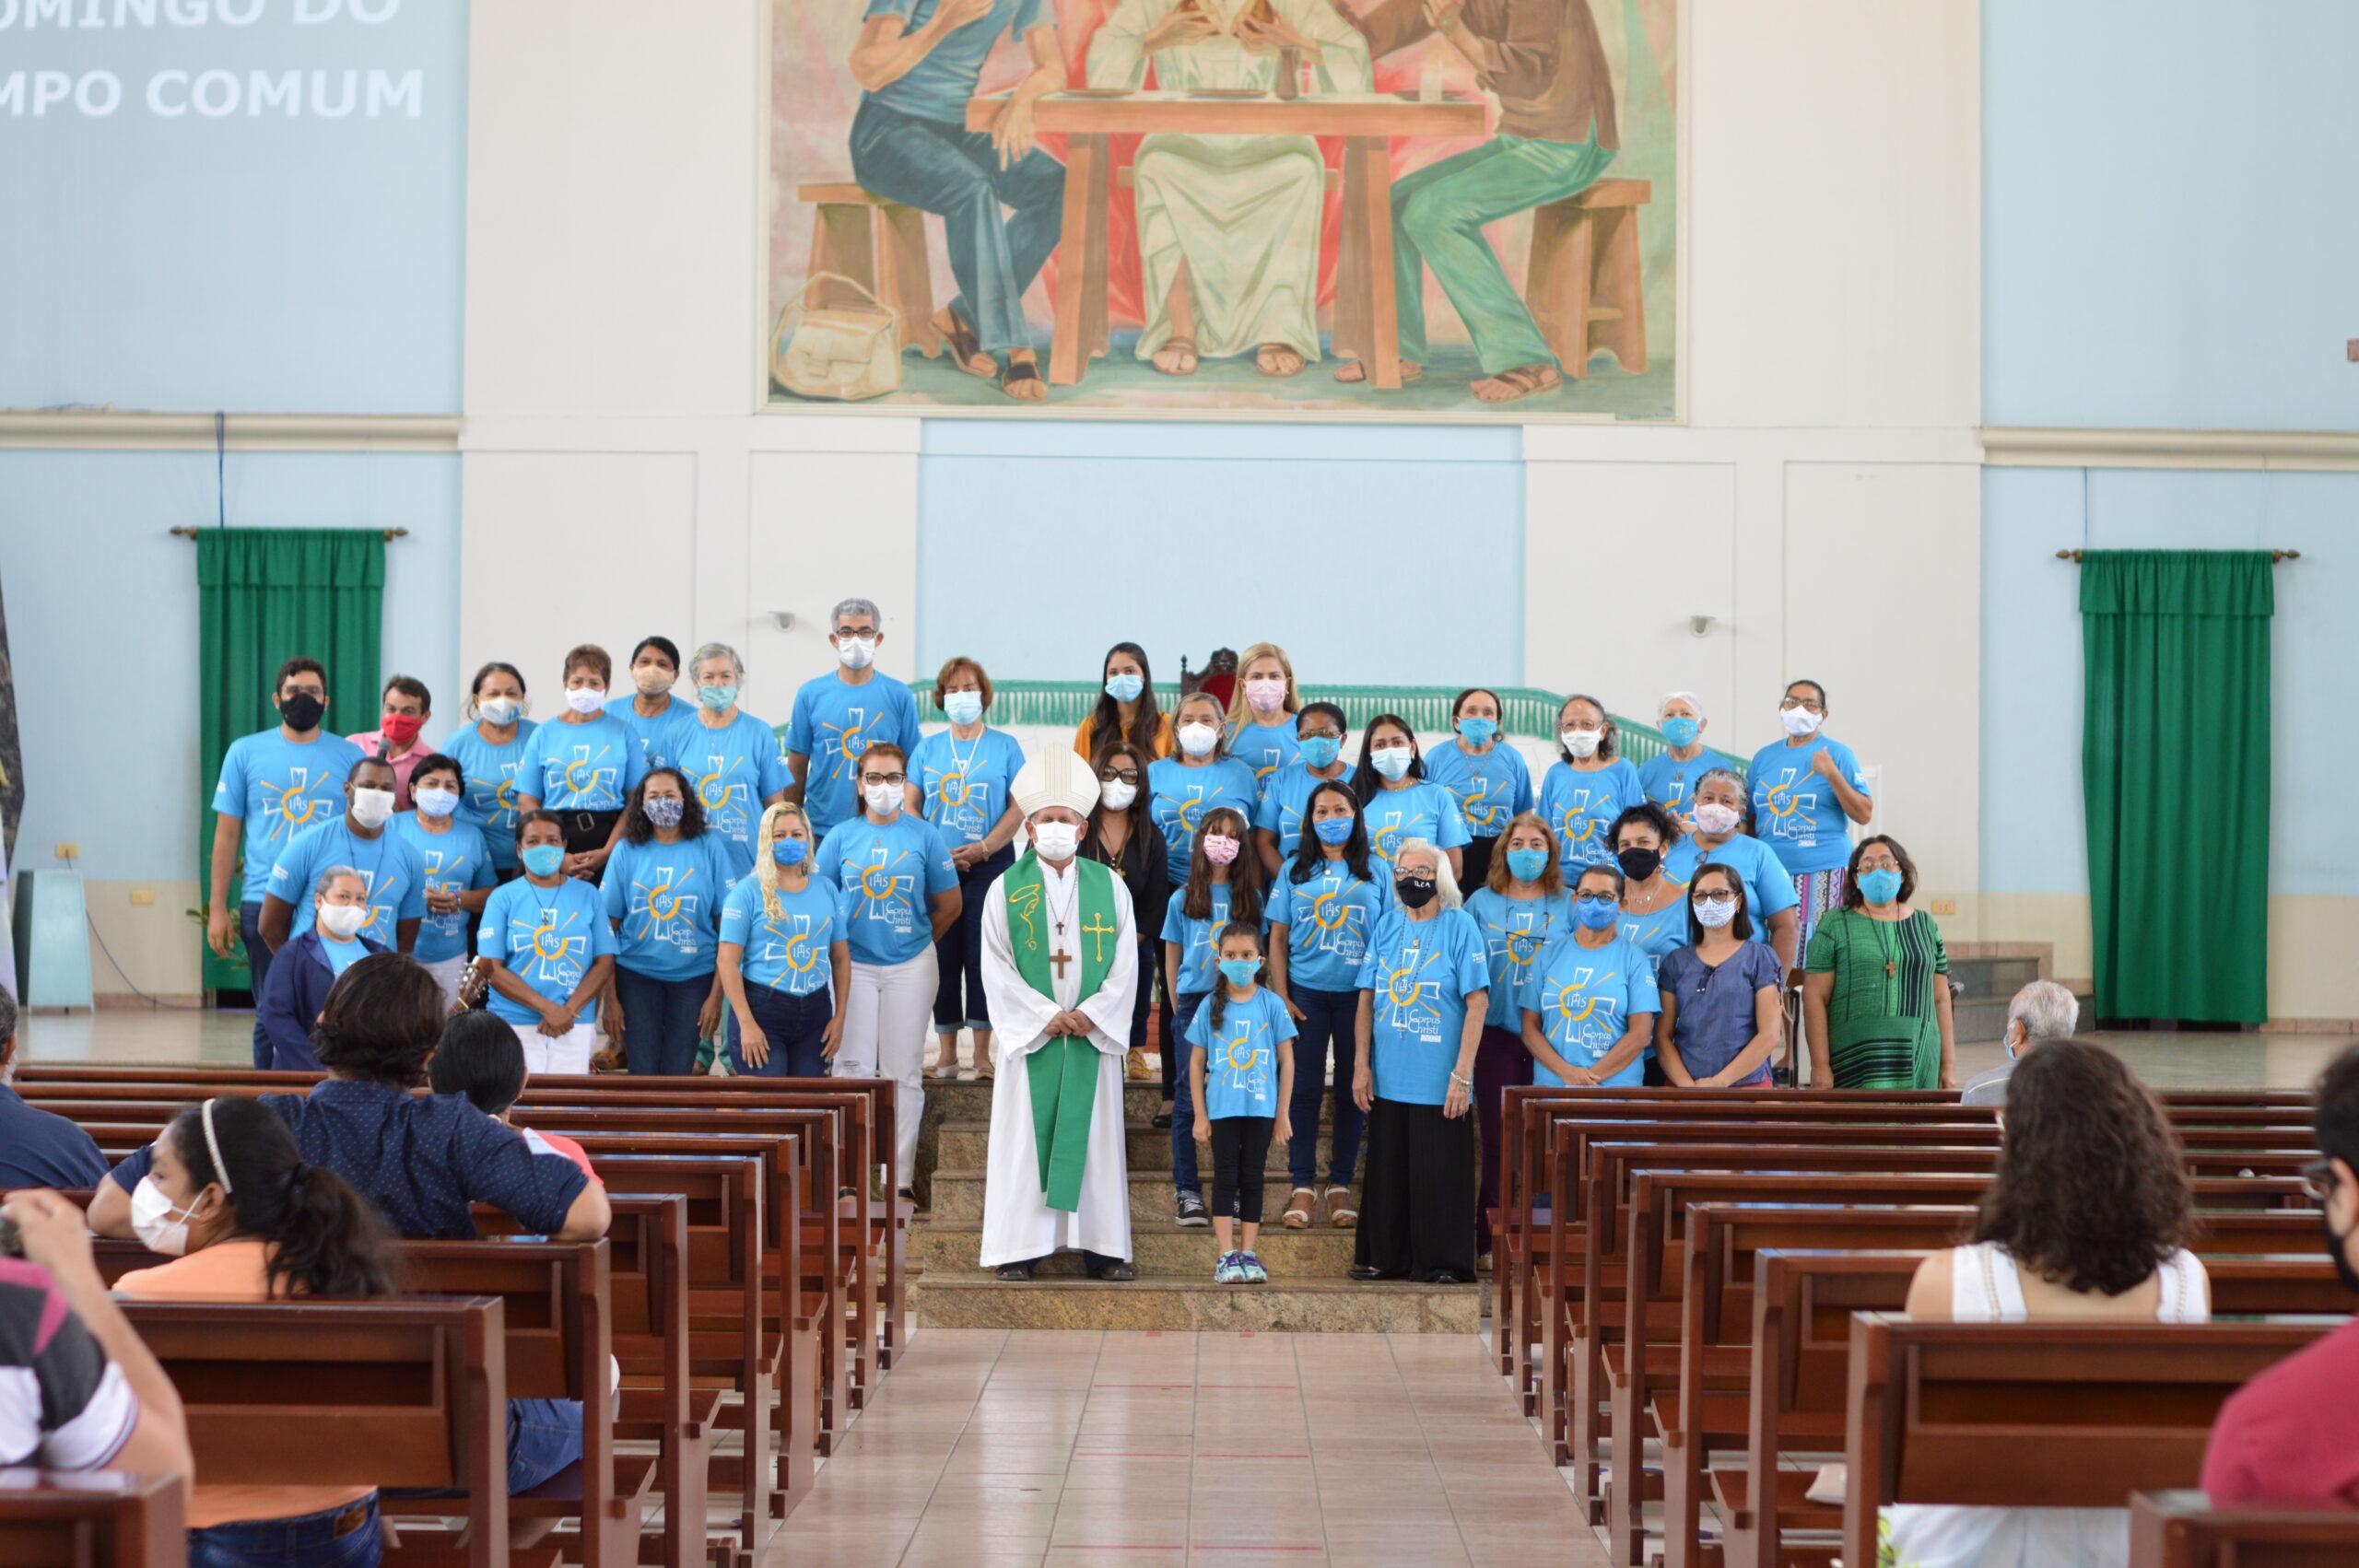 Missionários Digitais em encontro que foi realizado no ultimo domingo (01 de agosto de 2021).